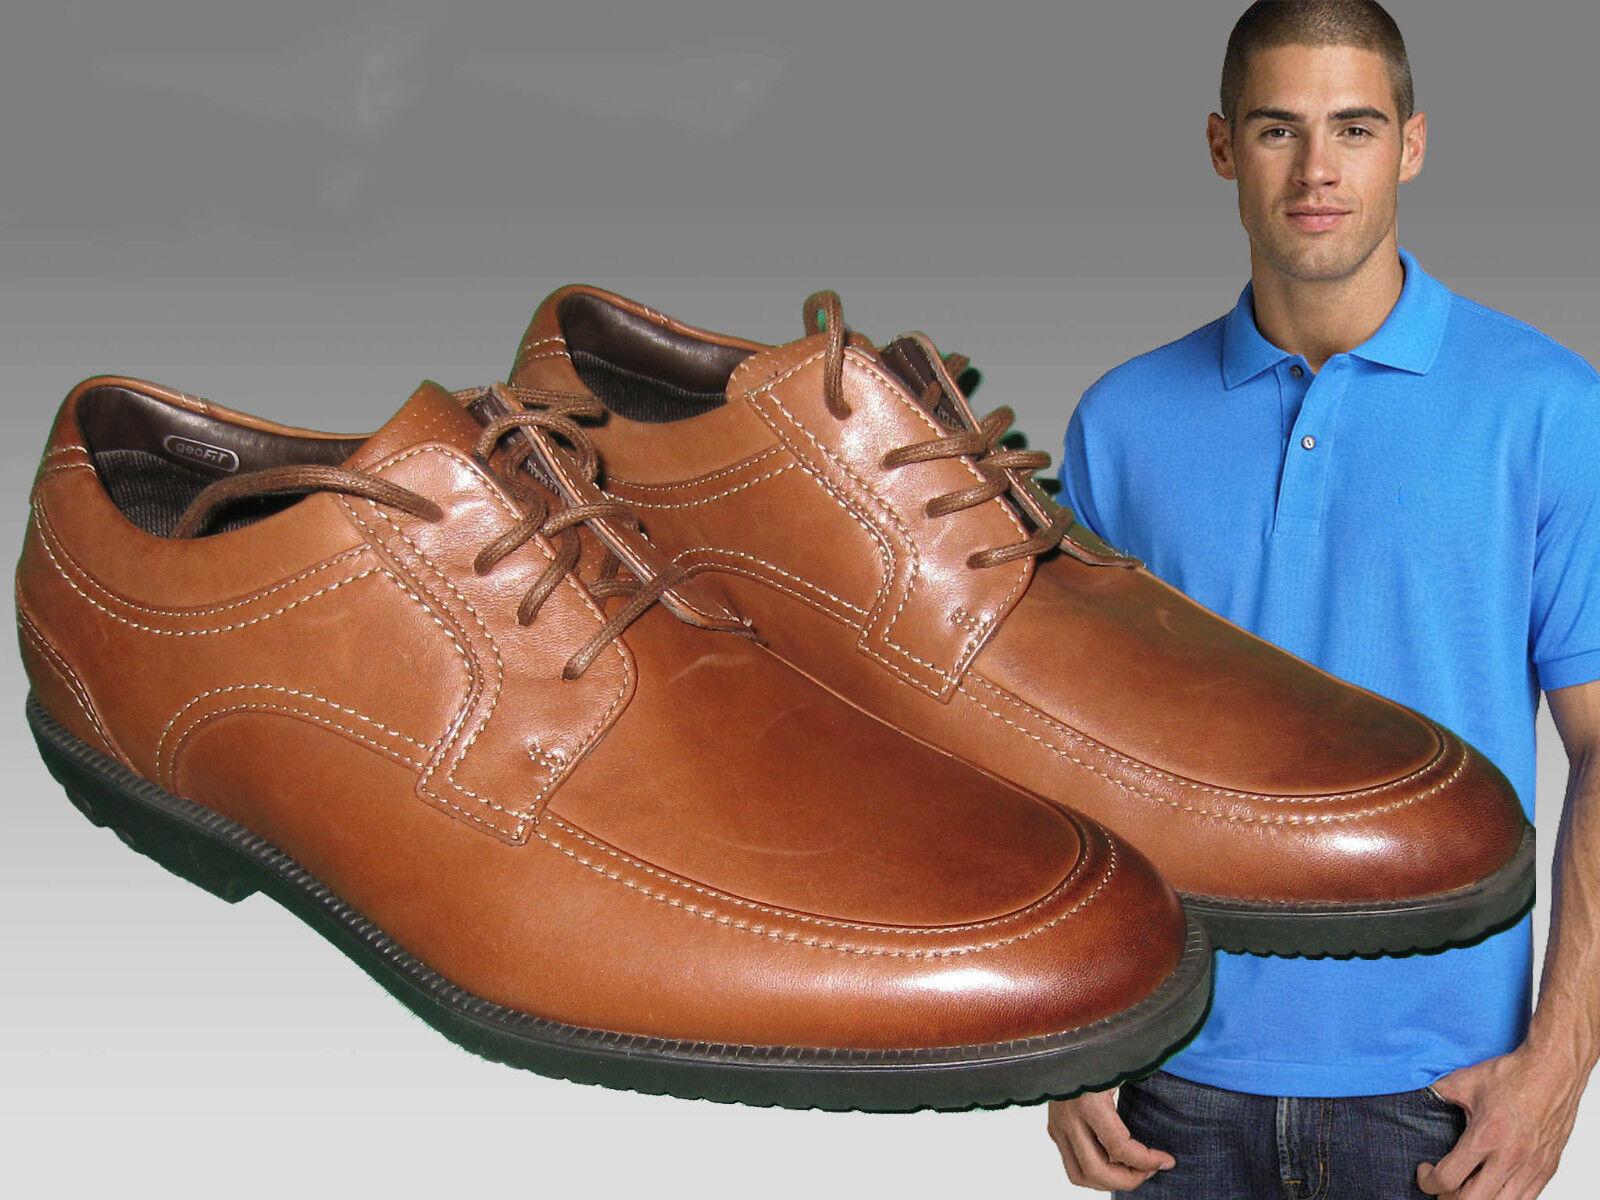 Nuevo Rockport Hombre Drsp con Moc Delantero Con Cordones con Drsp Adidas Adiprene Reino Unido 7.5 f93876